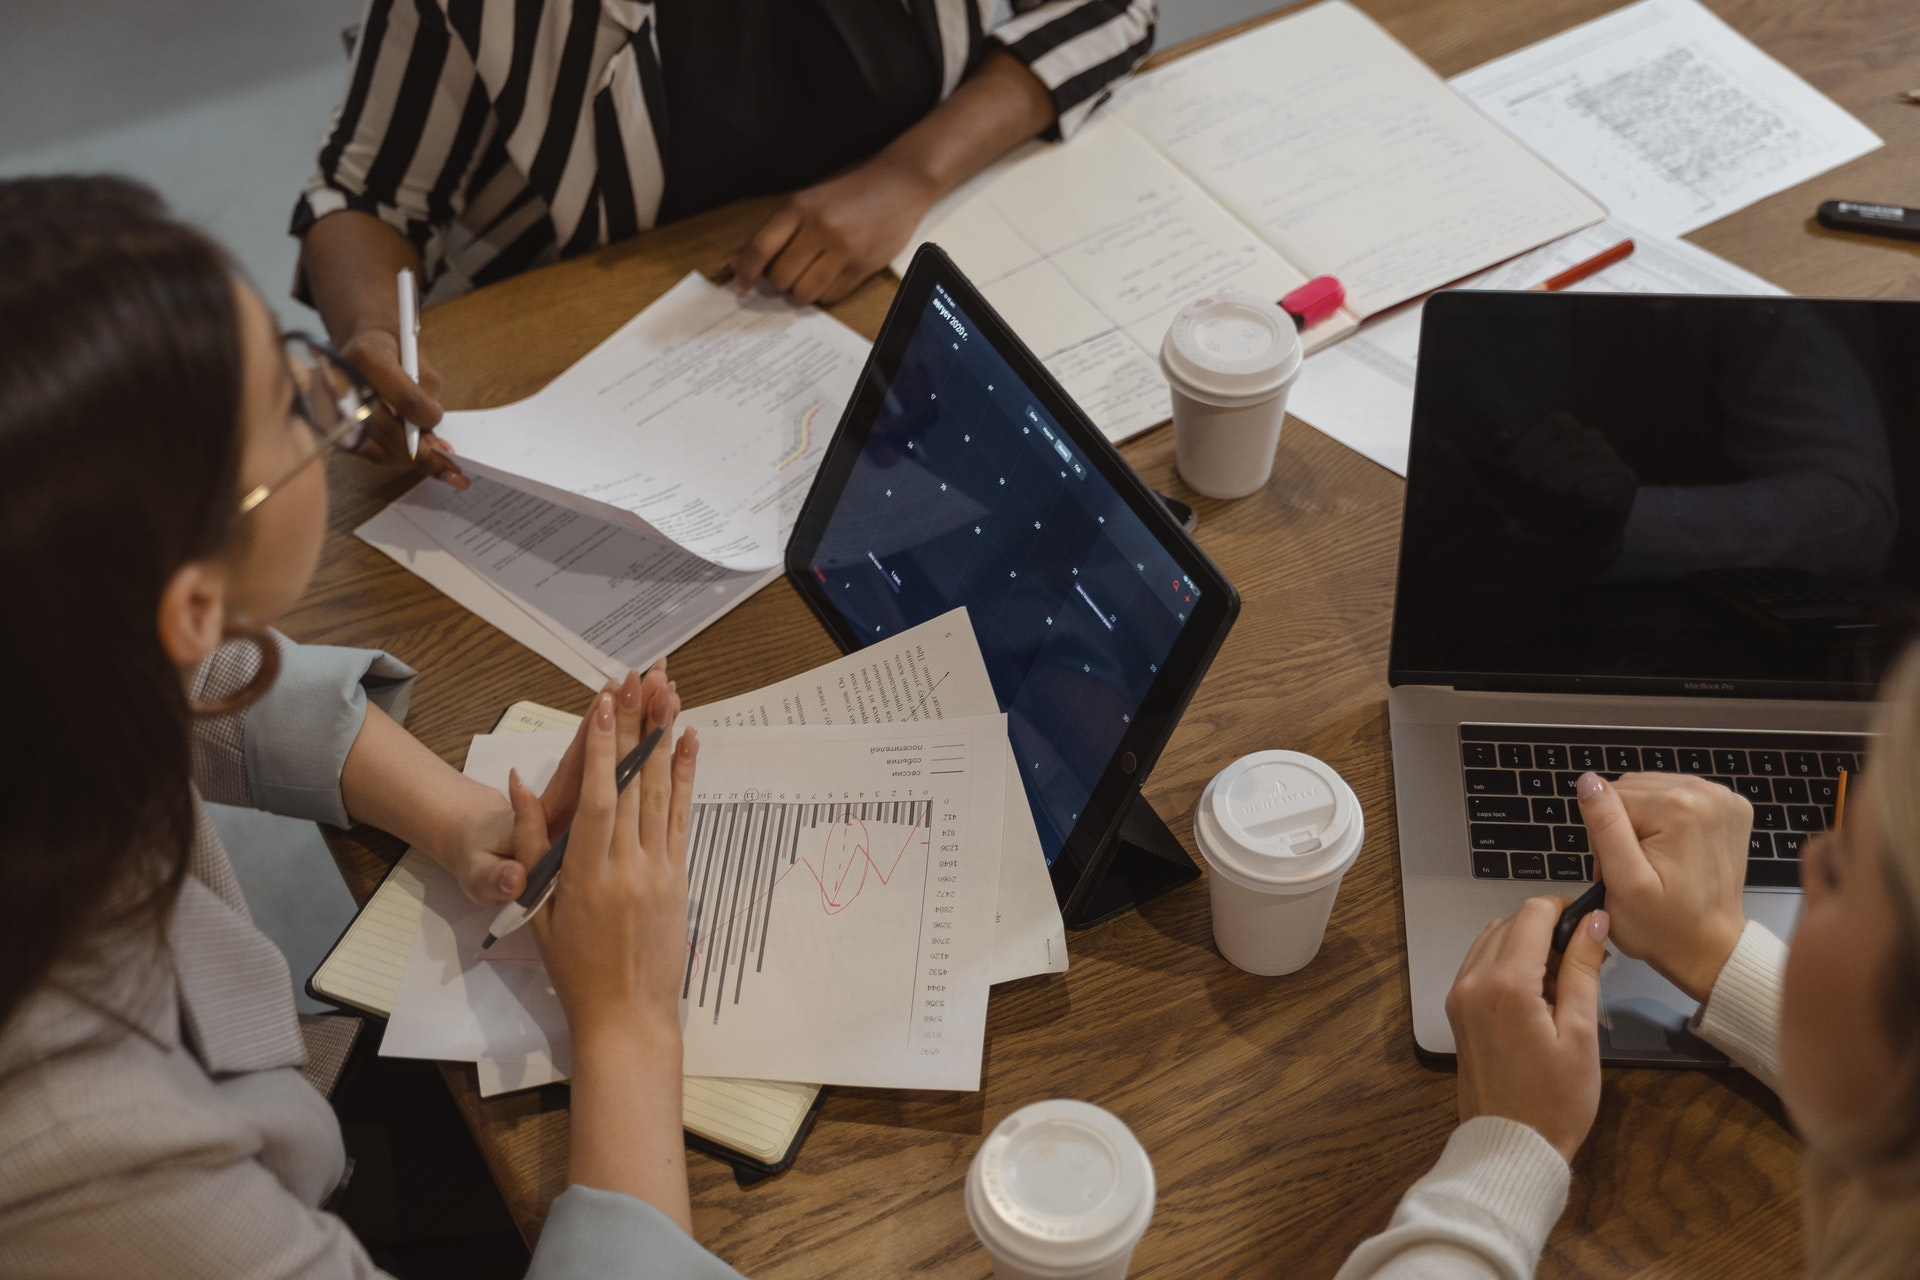 Importancia de la Evaluación 360° en las organizaciones